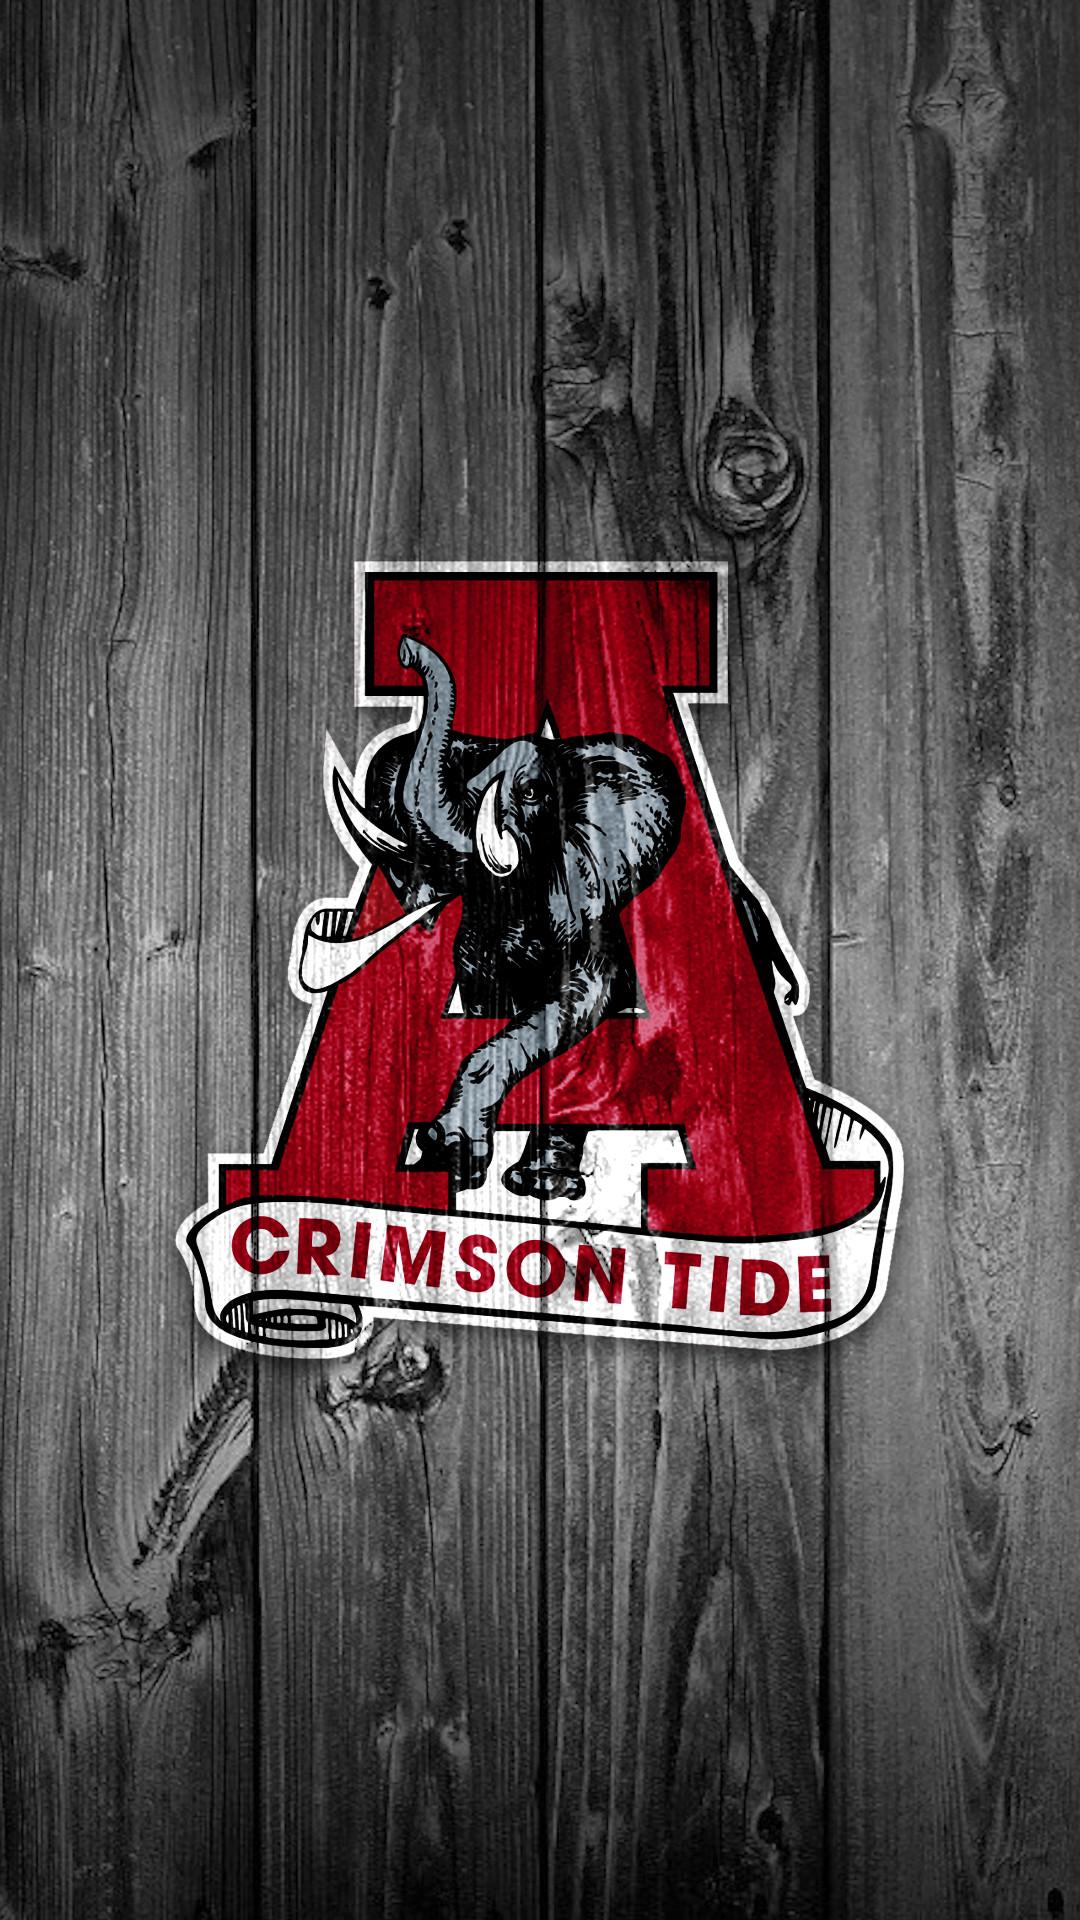 Alabama Crimson Tide Wallpaper Hd 76 Images